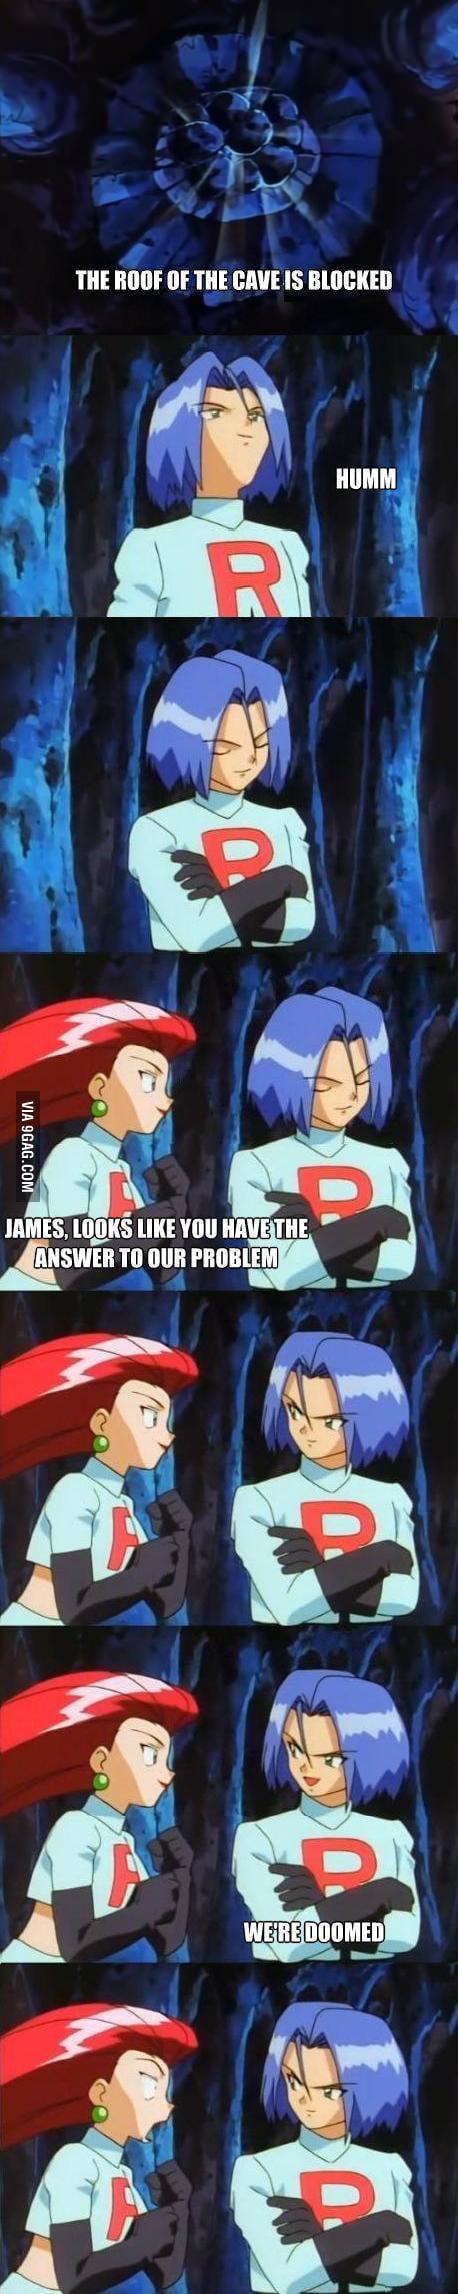 James trolling Jessie